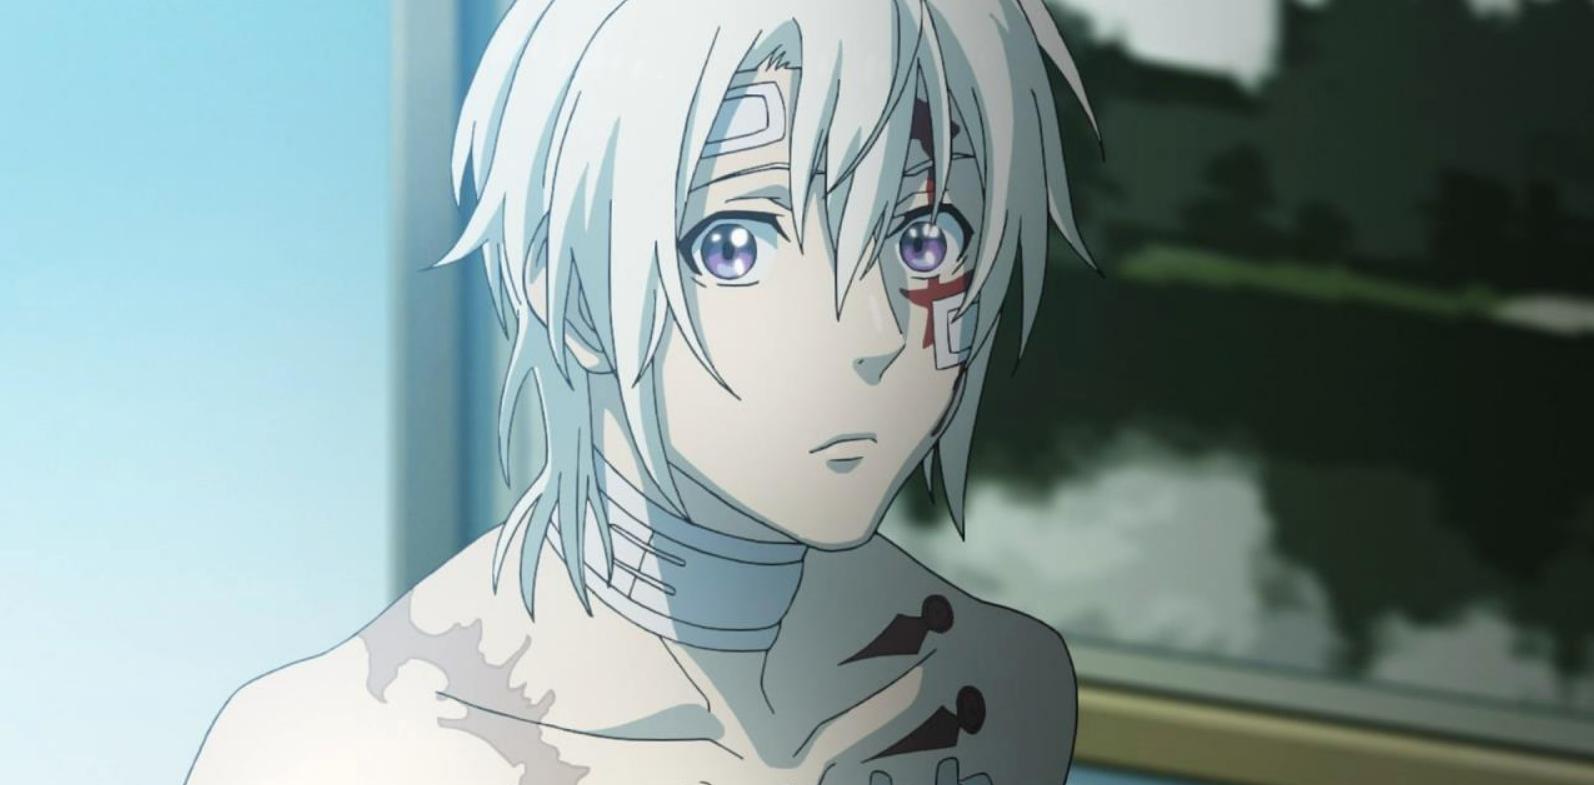 O que aconteceu com o anime D.Gray-Man? 2